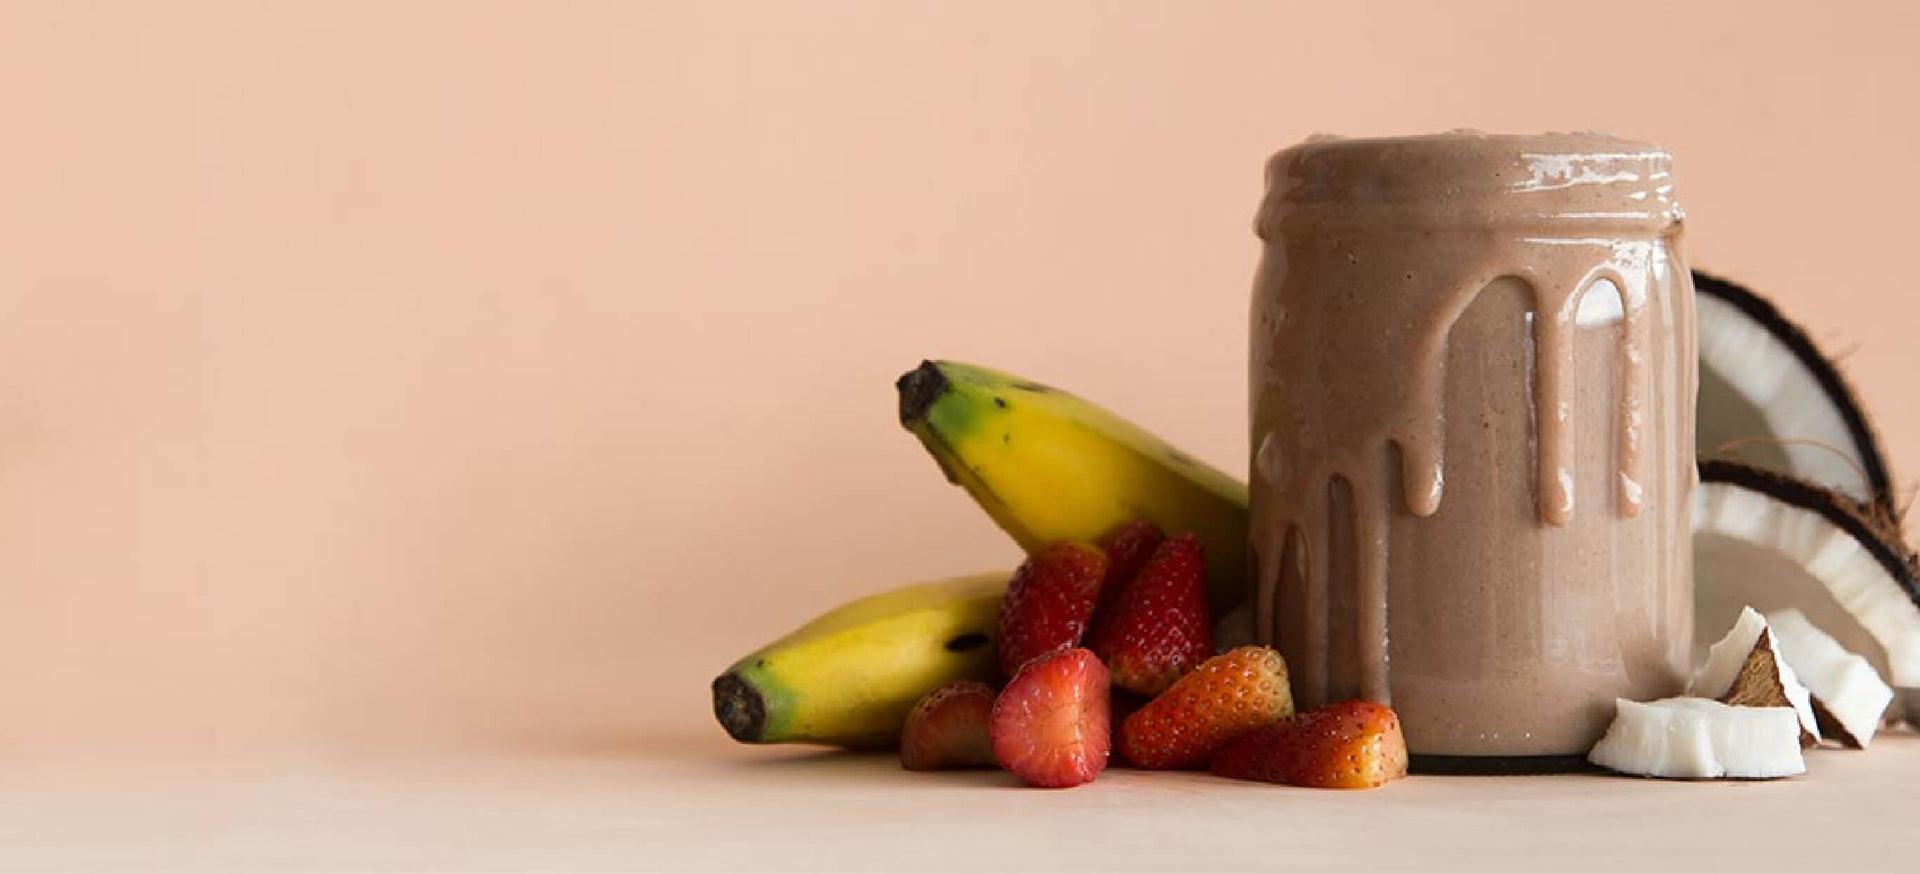 Avatar Nutrition Moodukas rasva kadu Kaalulangus raha panus